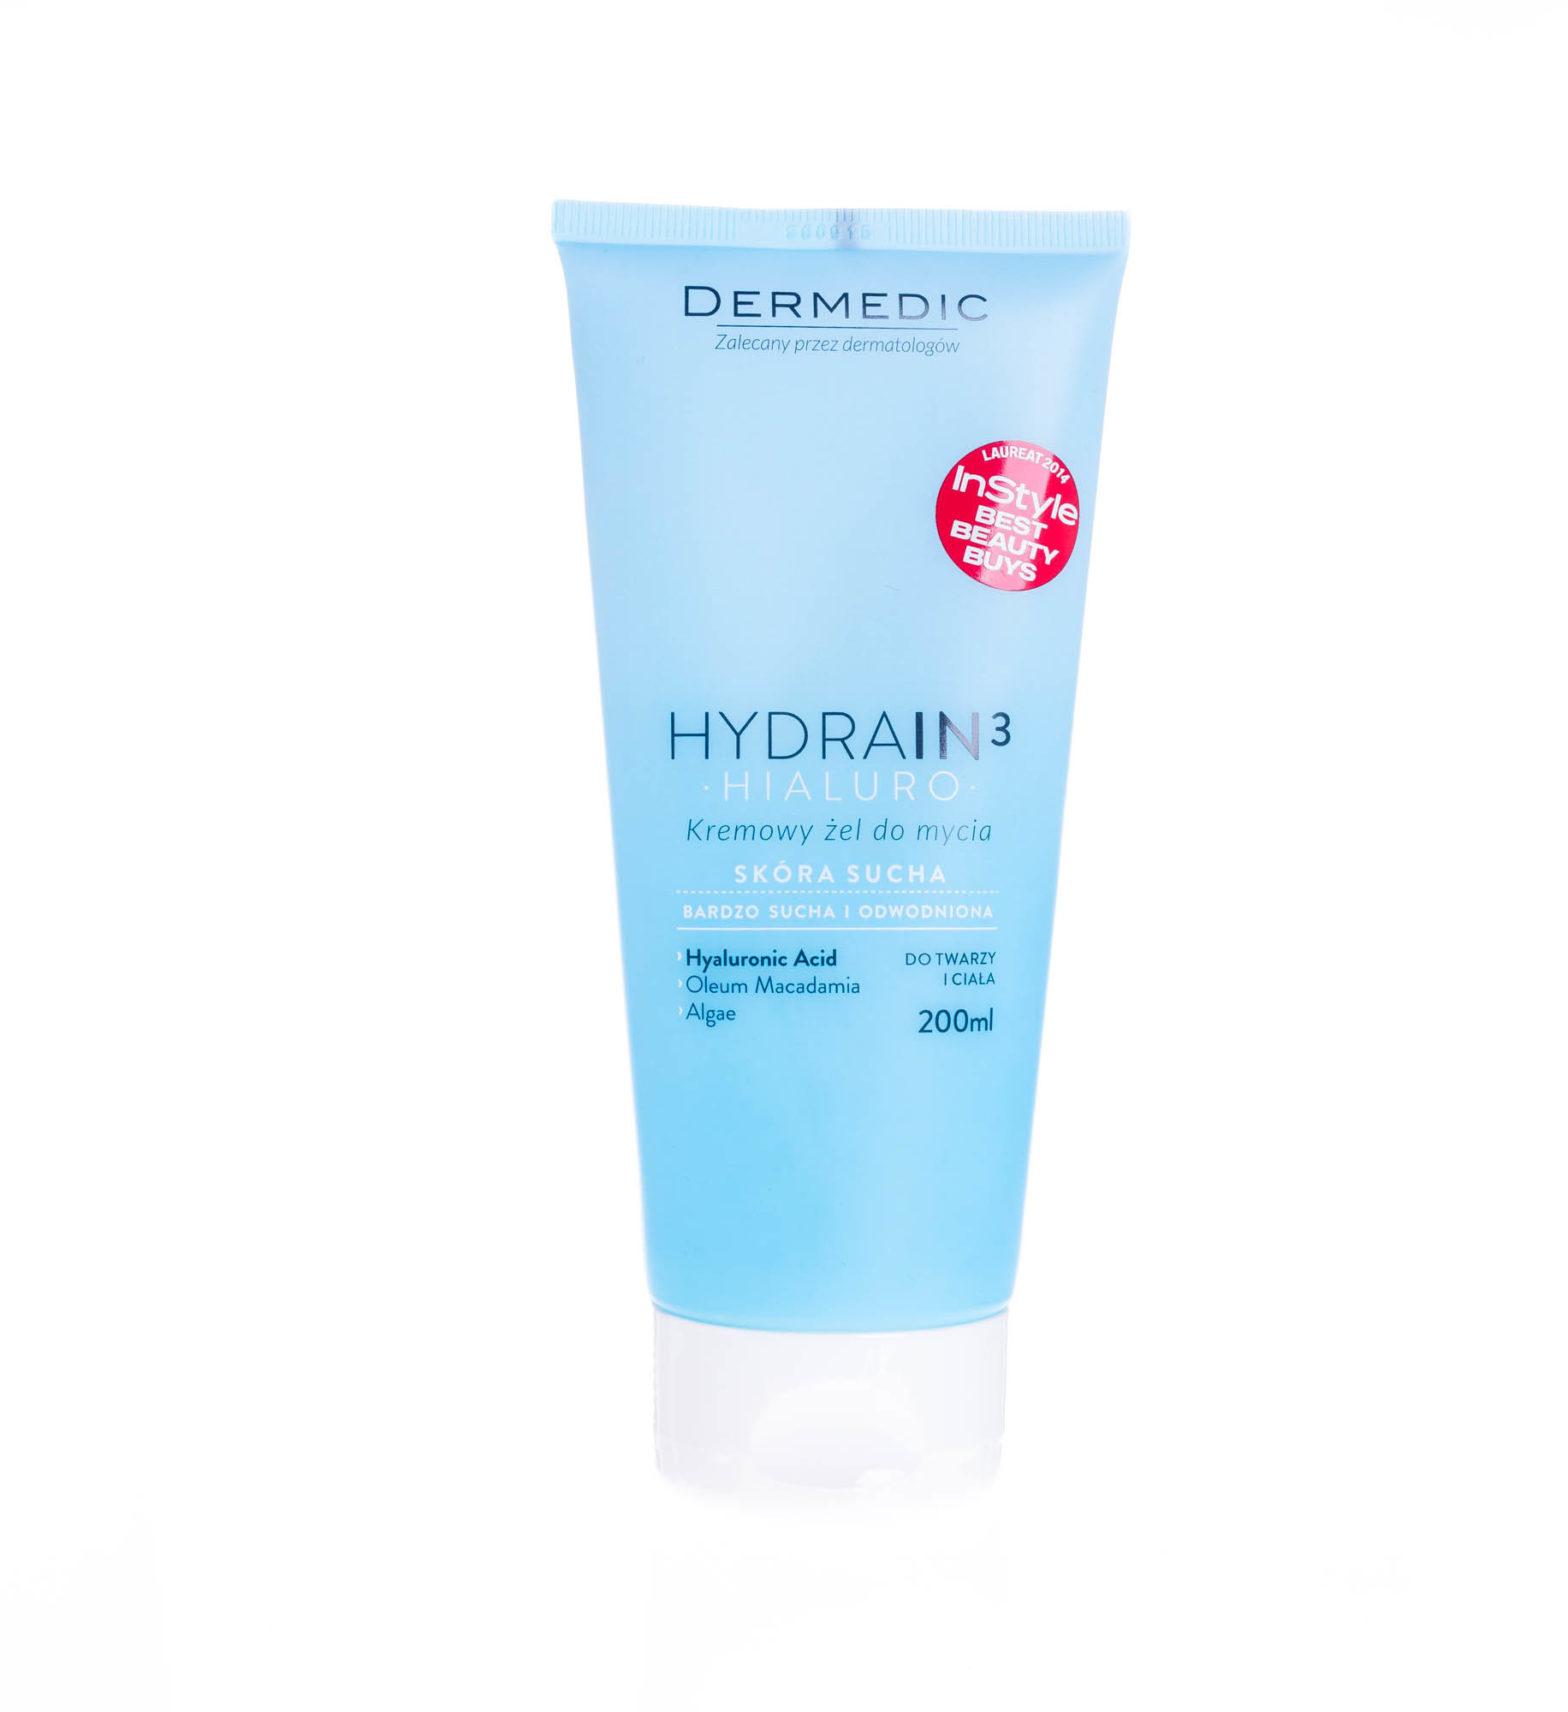 Dermedic HYDRAIN 3 HIALURO kremowy żel do mycia 200ml